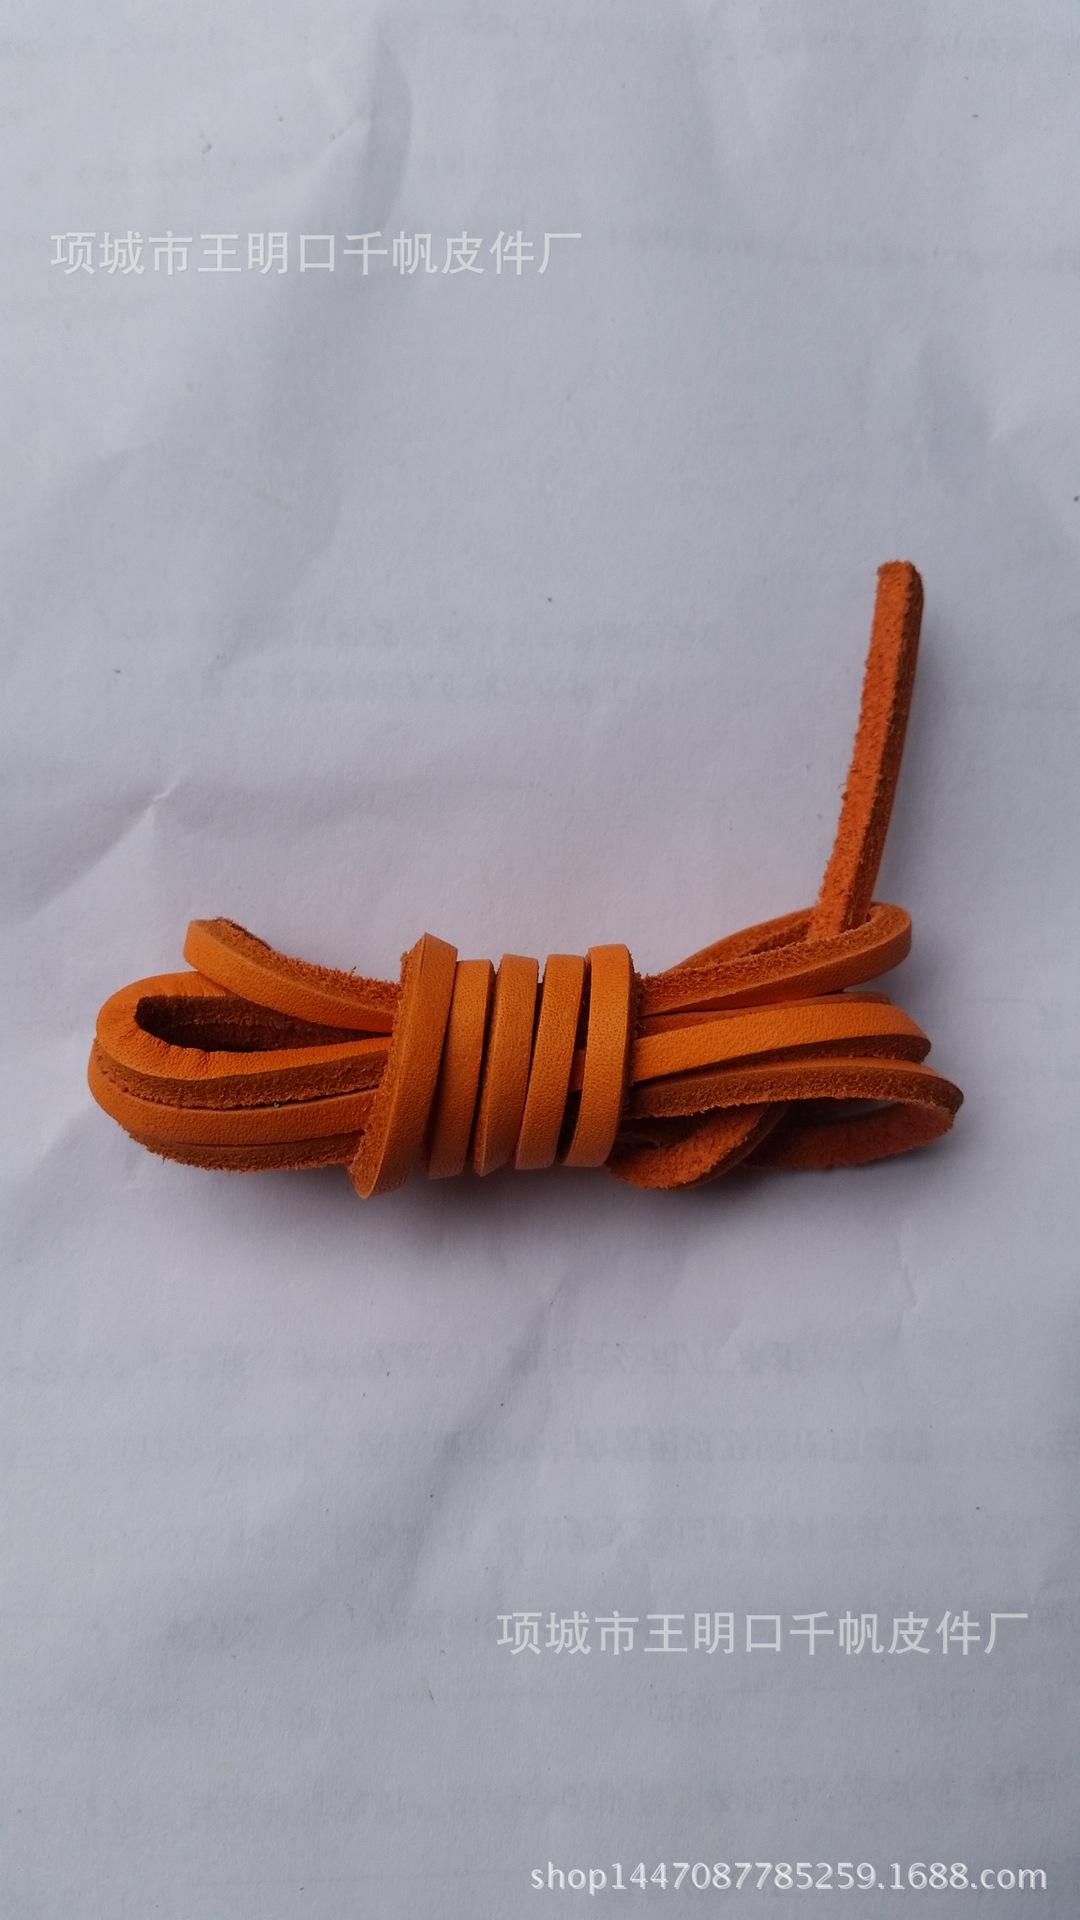 厂家批发供应真皮牛皮鞋带 彩色牛皮鞋带 方形牛皮鞋带